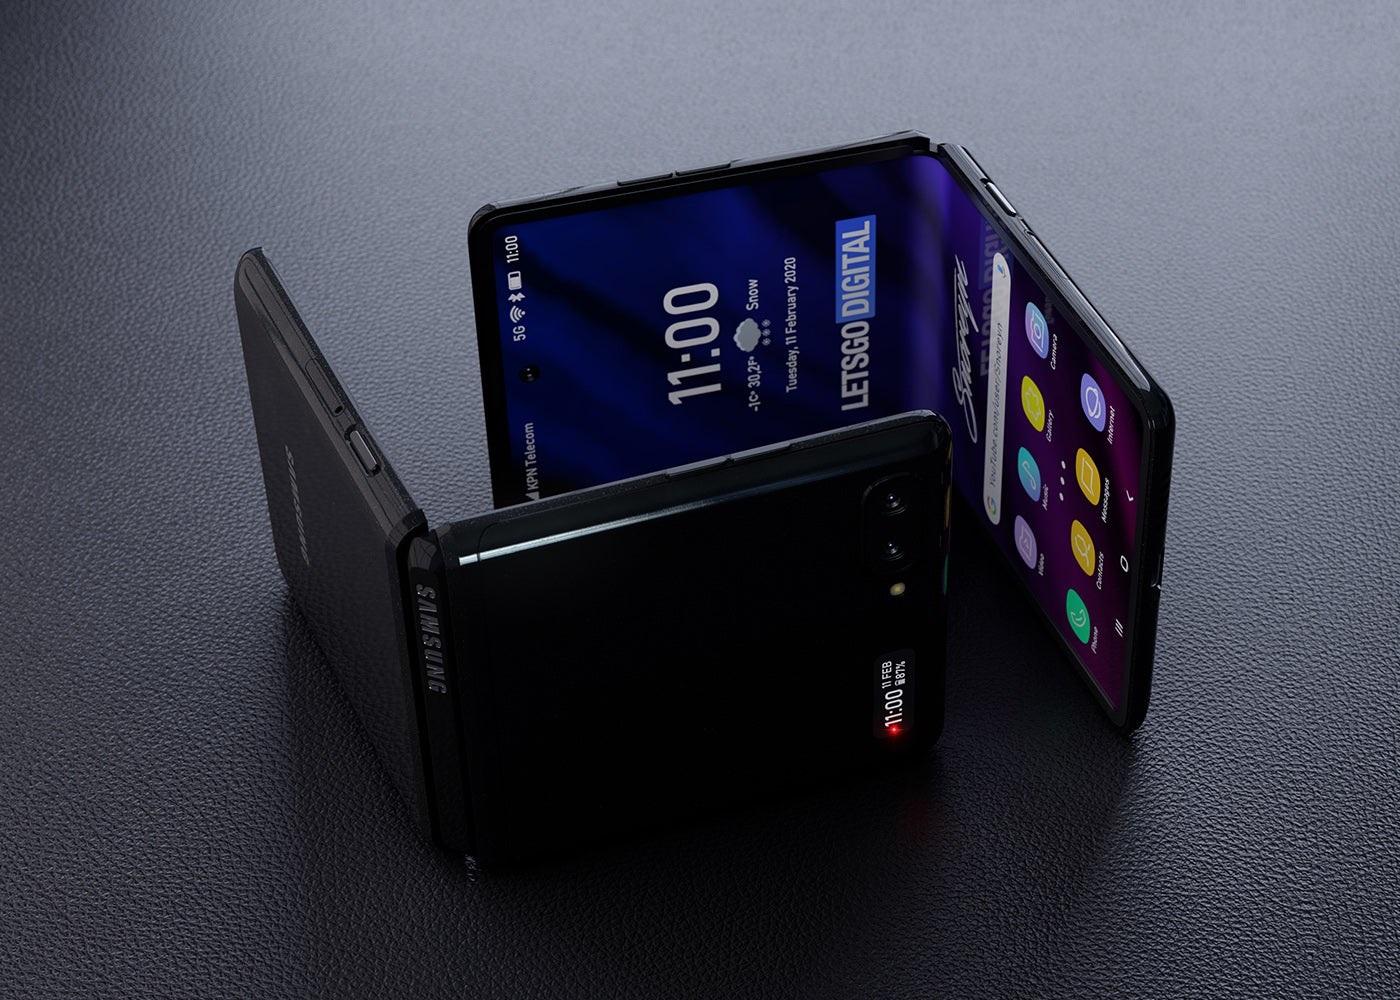 أحدث تسريبات هاتف سامسونج القابل للطي المقبل Samsung Galaxy Z Flip